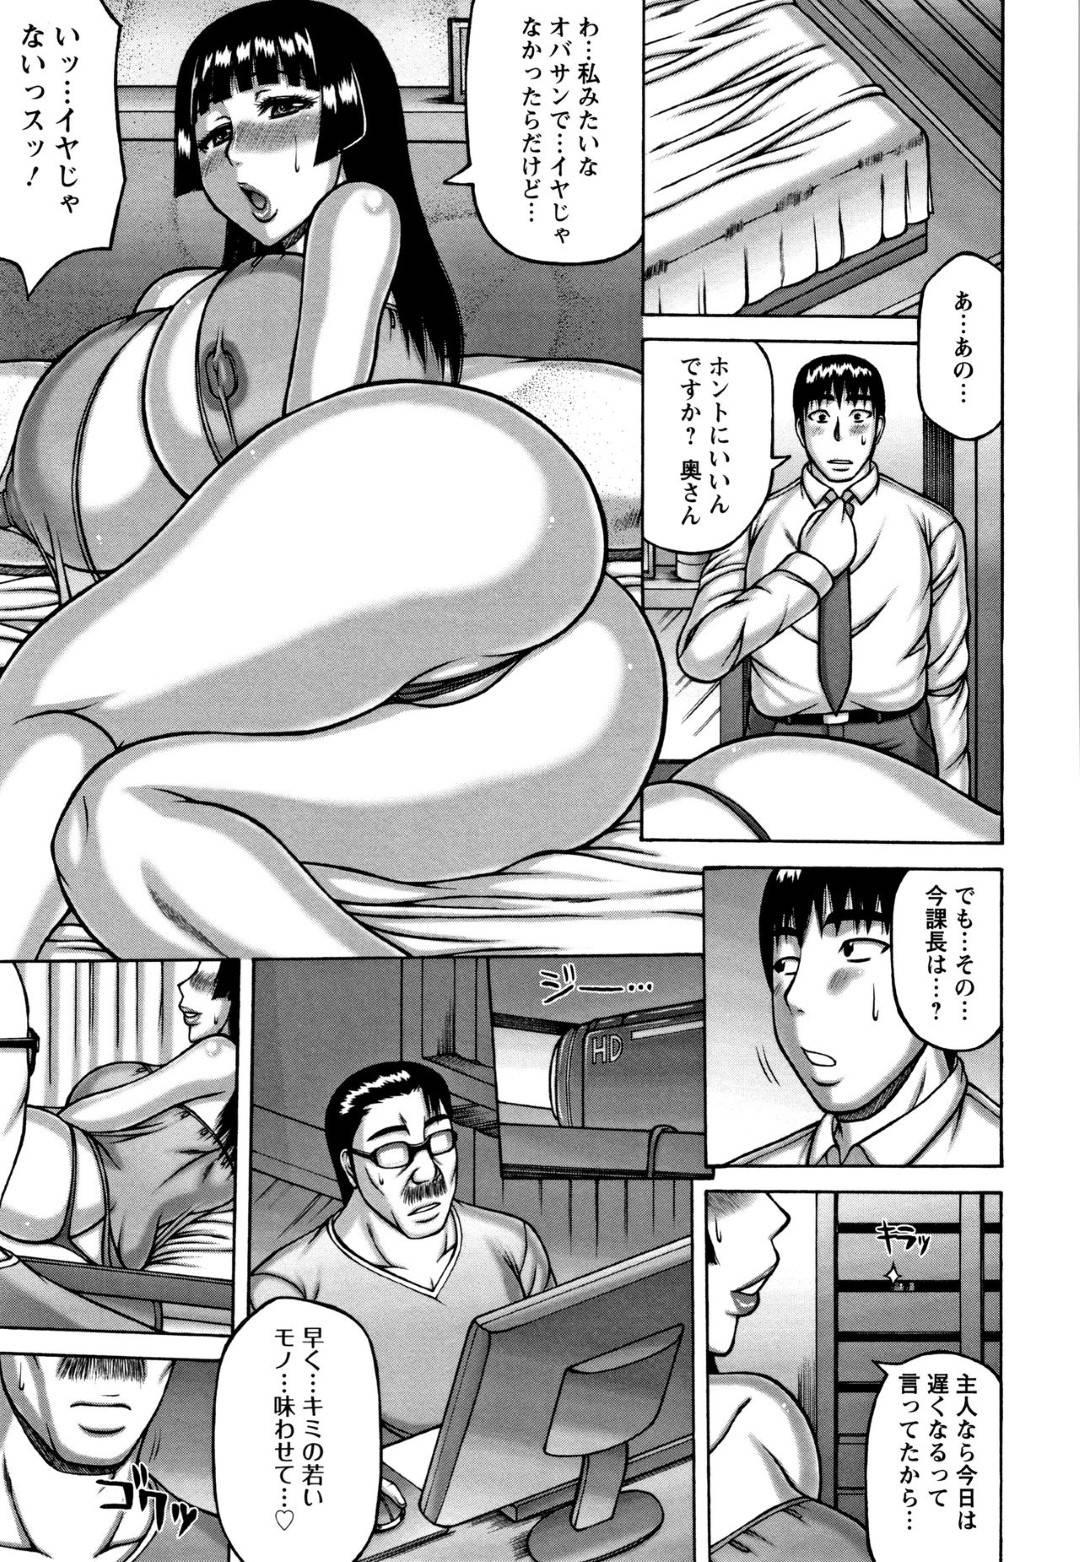 【エロ漫画】他人棒を咥え込む妻の姿に嫉妬硬直する夫。家に男を招くだけは物足りなくなり、公衆便所で肉便器輪姦される姿を眺める。